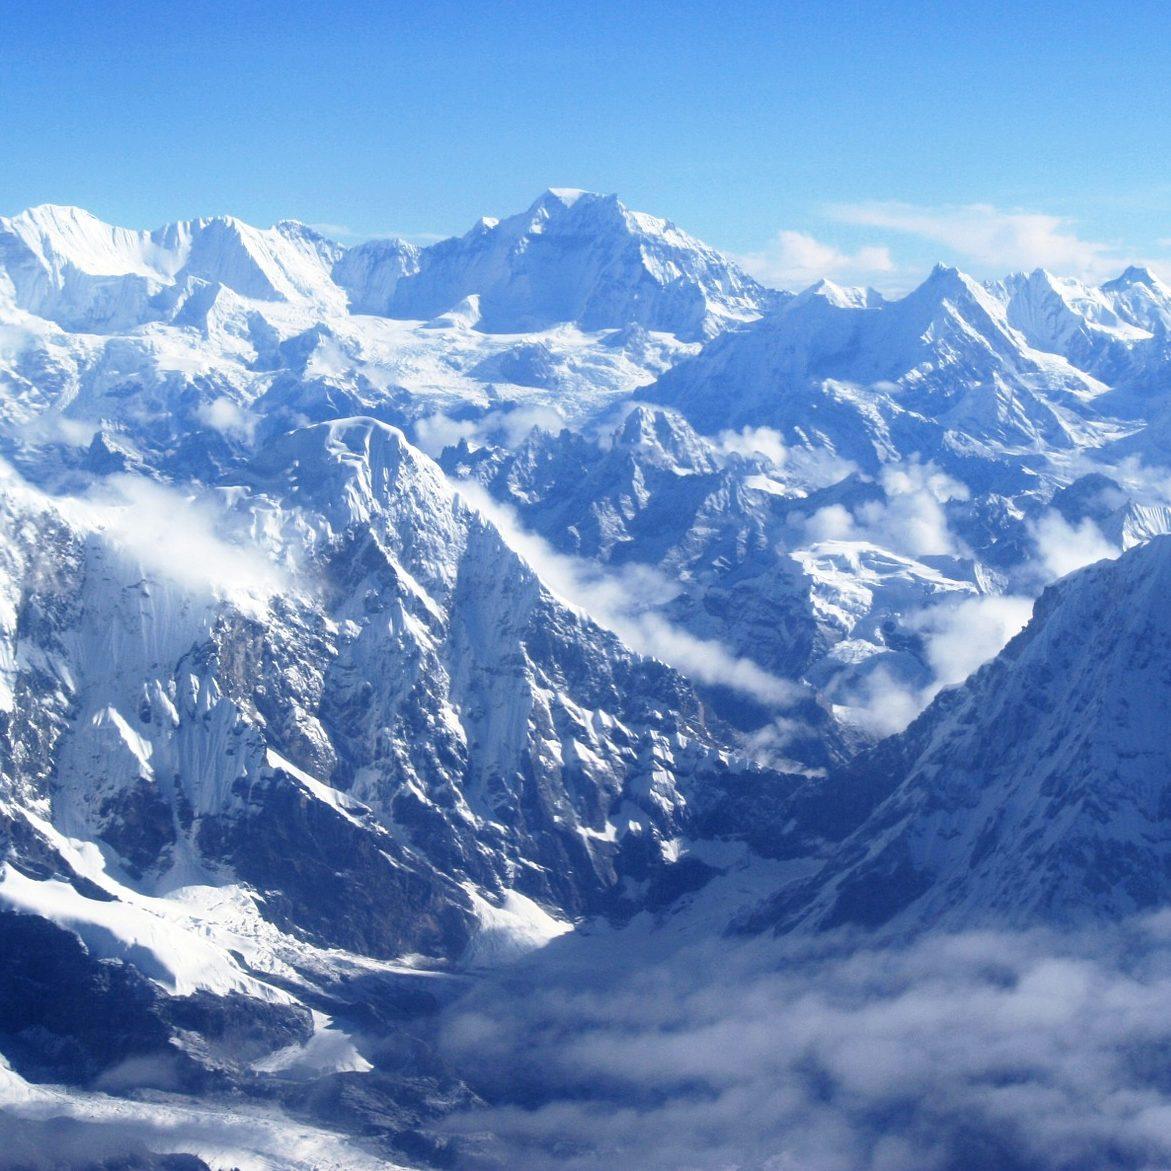 mountains-1411625_1920